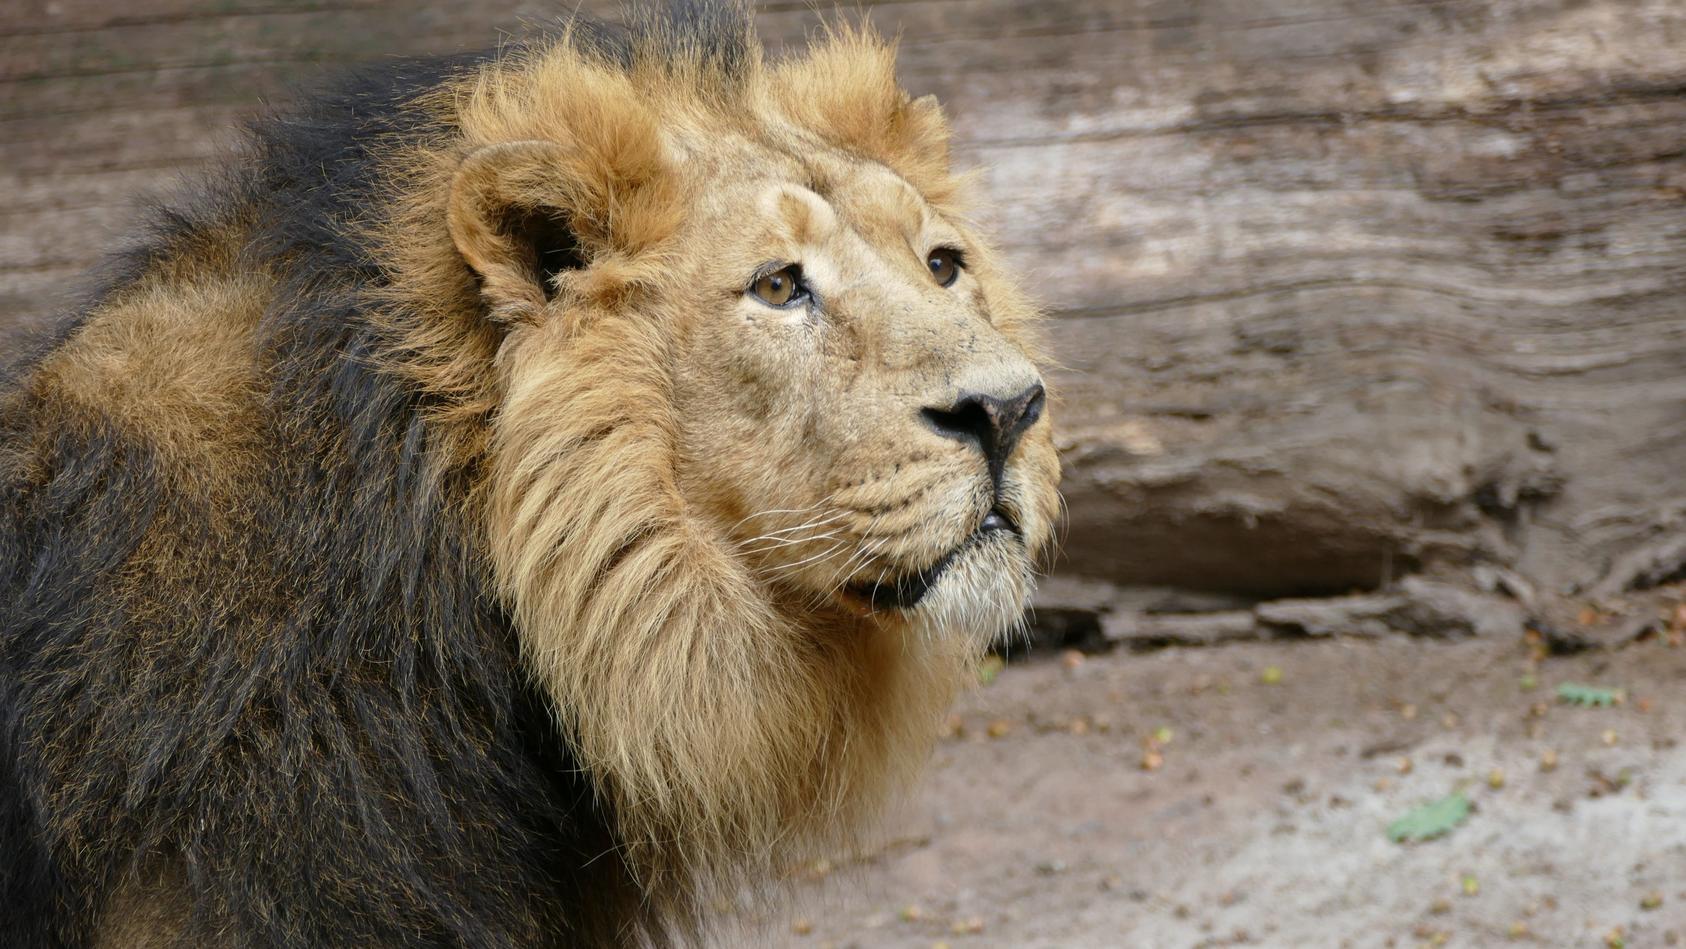 Das Löwenmännchen Subali  könnte getötet werden, weil es unfruchtbar ist.